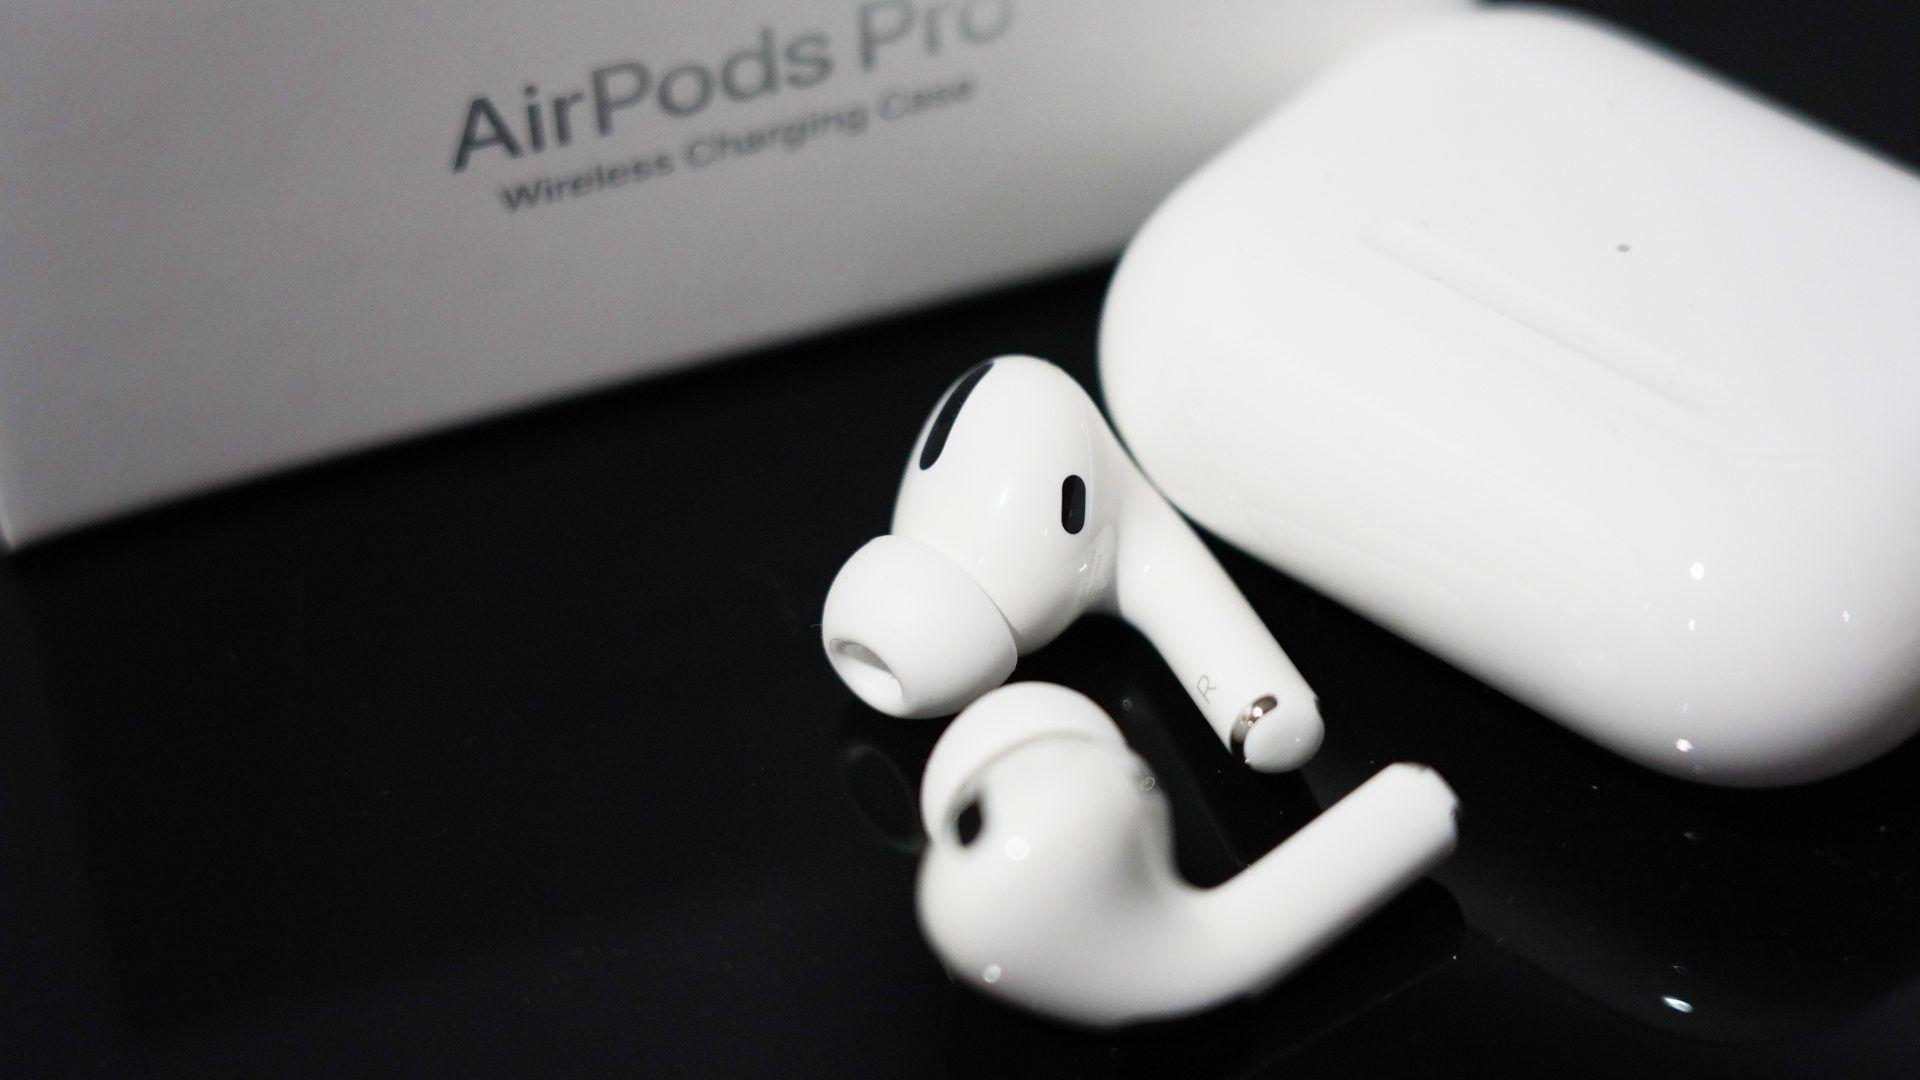 AirPods Pro ao lado do seu estojo e da sua caixa